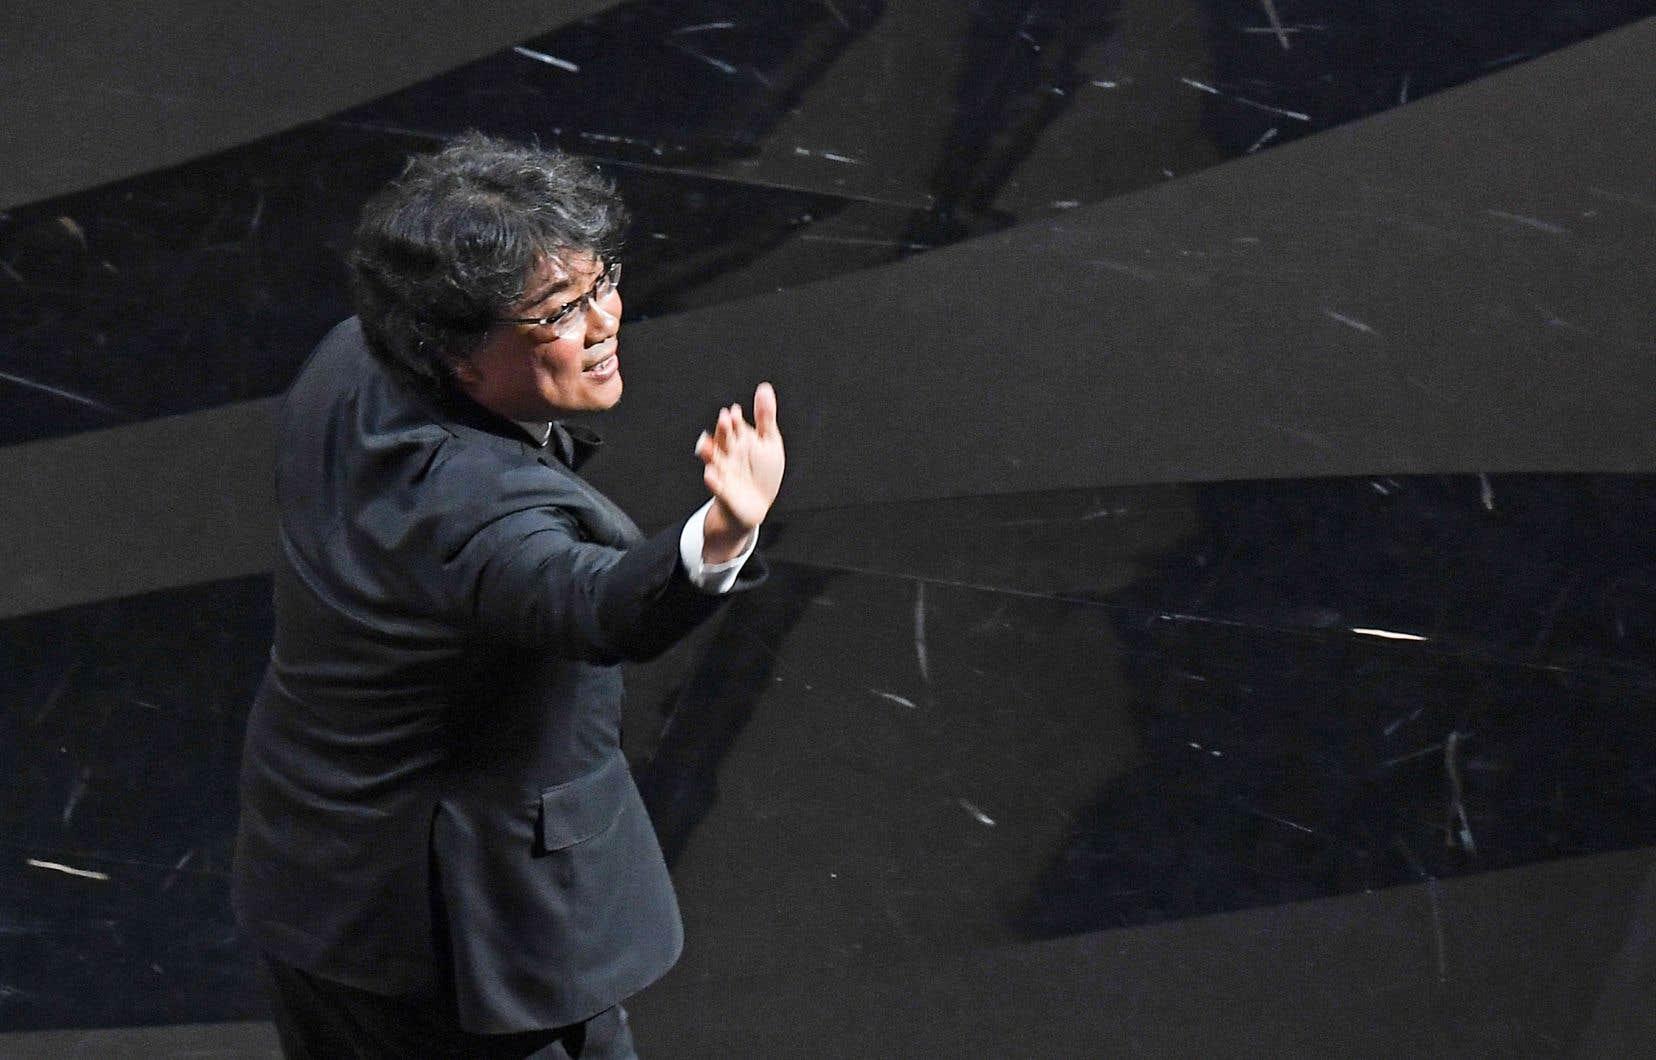 Le réalisateur sud-coréen Bong Joon-ho, lauréat de la Palme d'or pour son film «Parasite», a figuré parmi les choix consensuels du jury de la 72e édition du festival.